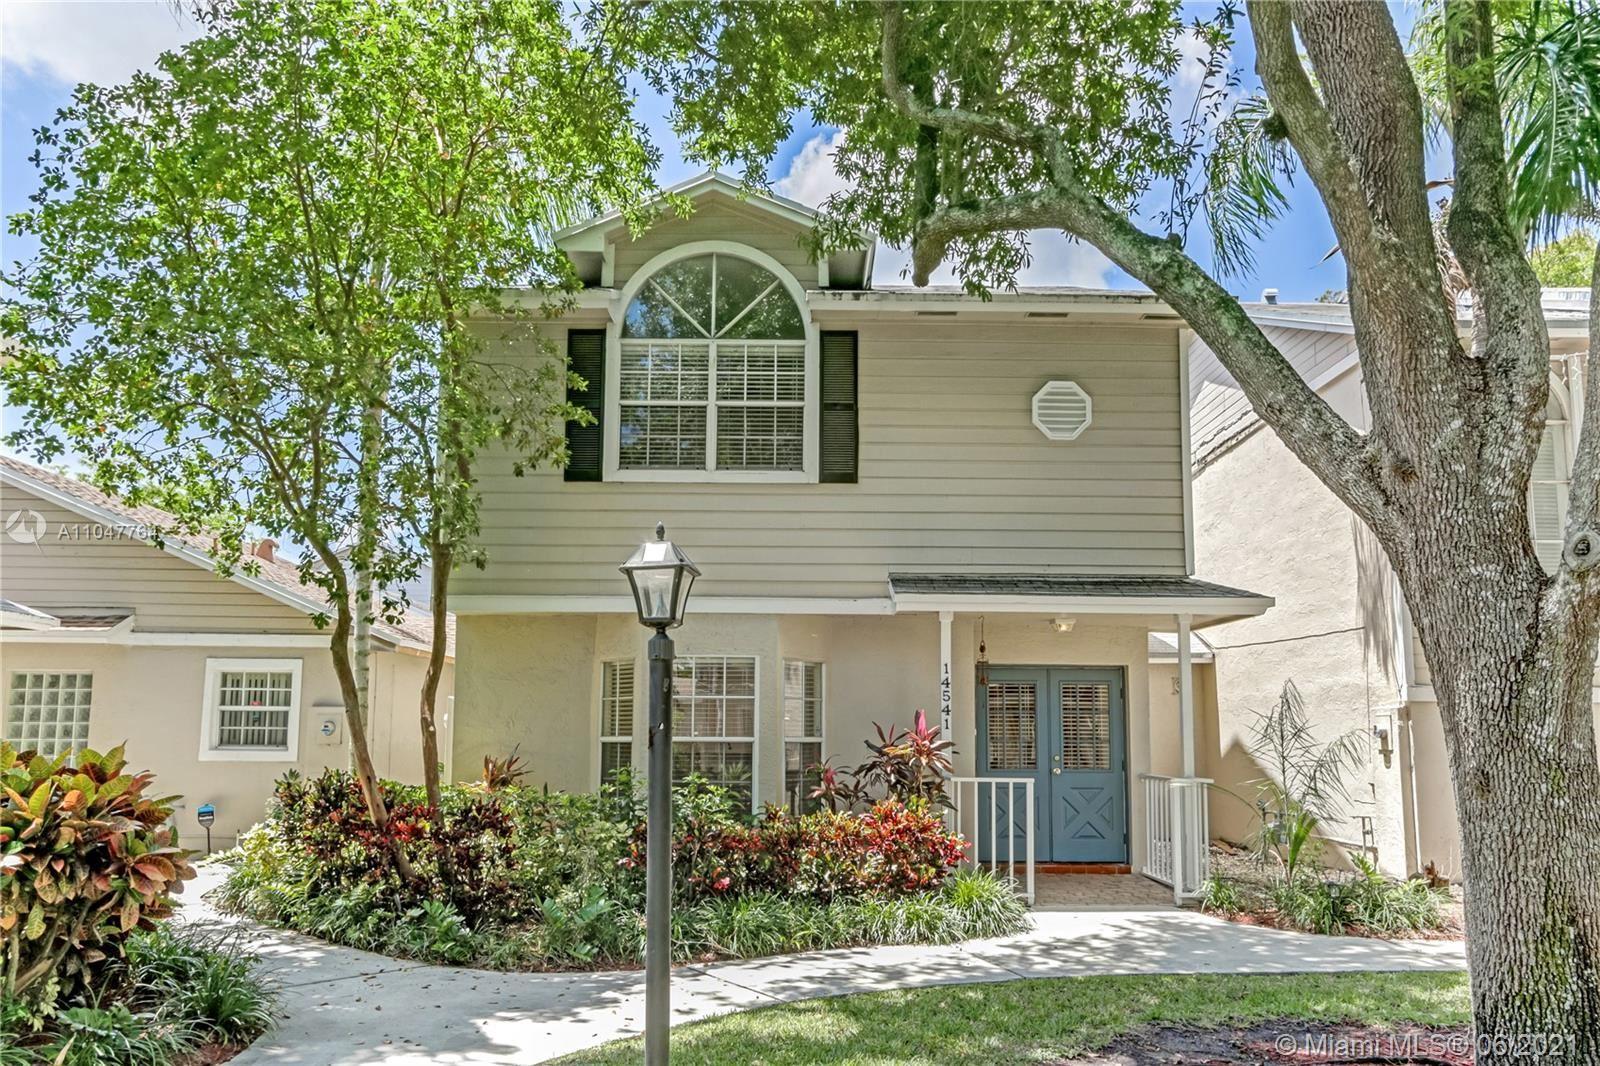 14541 SW 122nd Pl, Miami, FL 33186 - #: A11047764